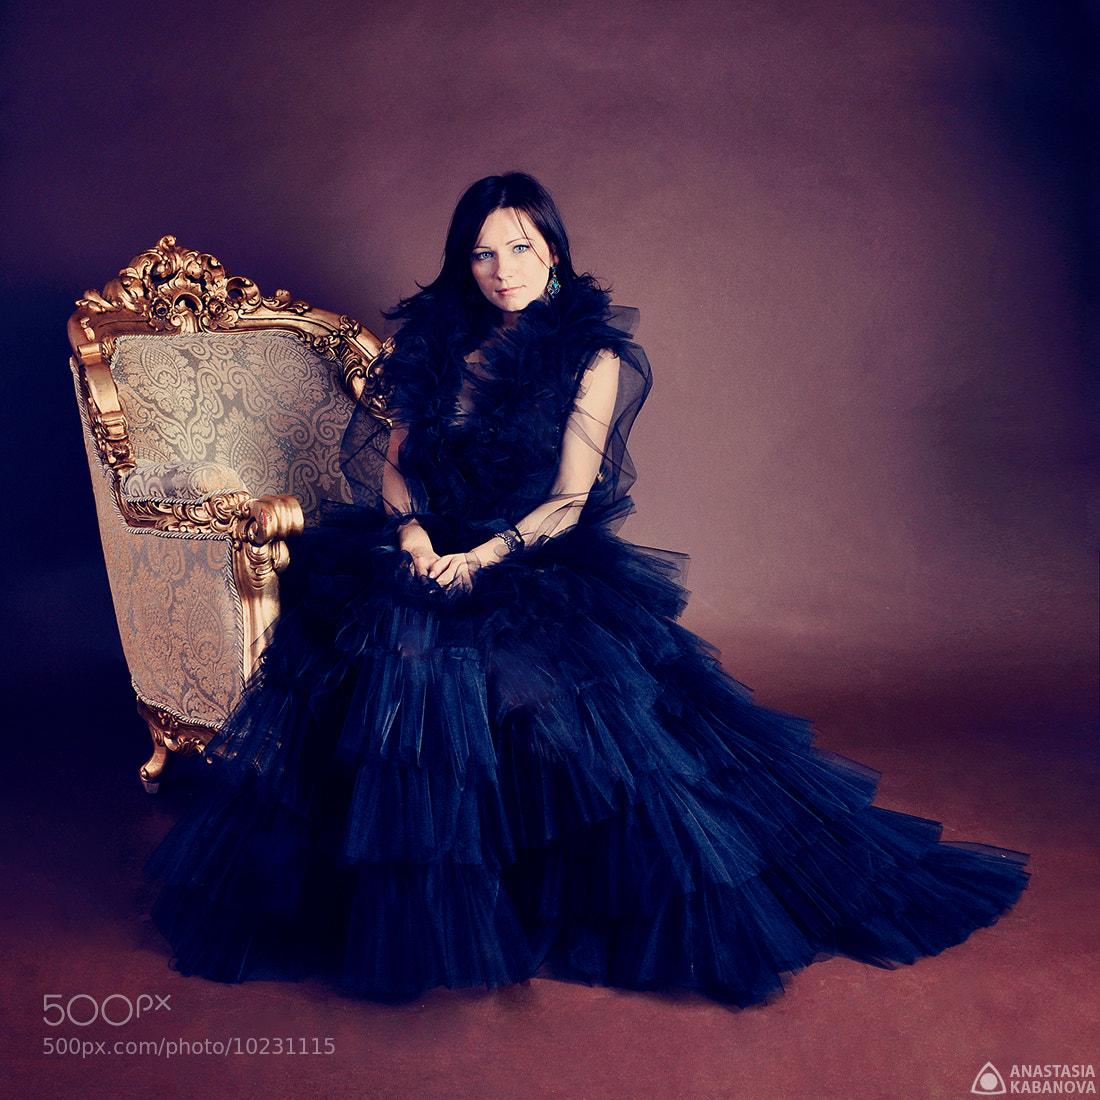 Photograph Svetlana by Anastasia Kabanova on 500px